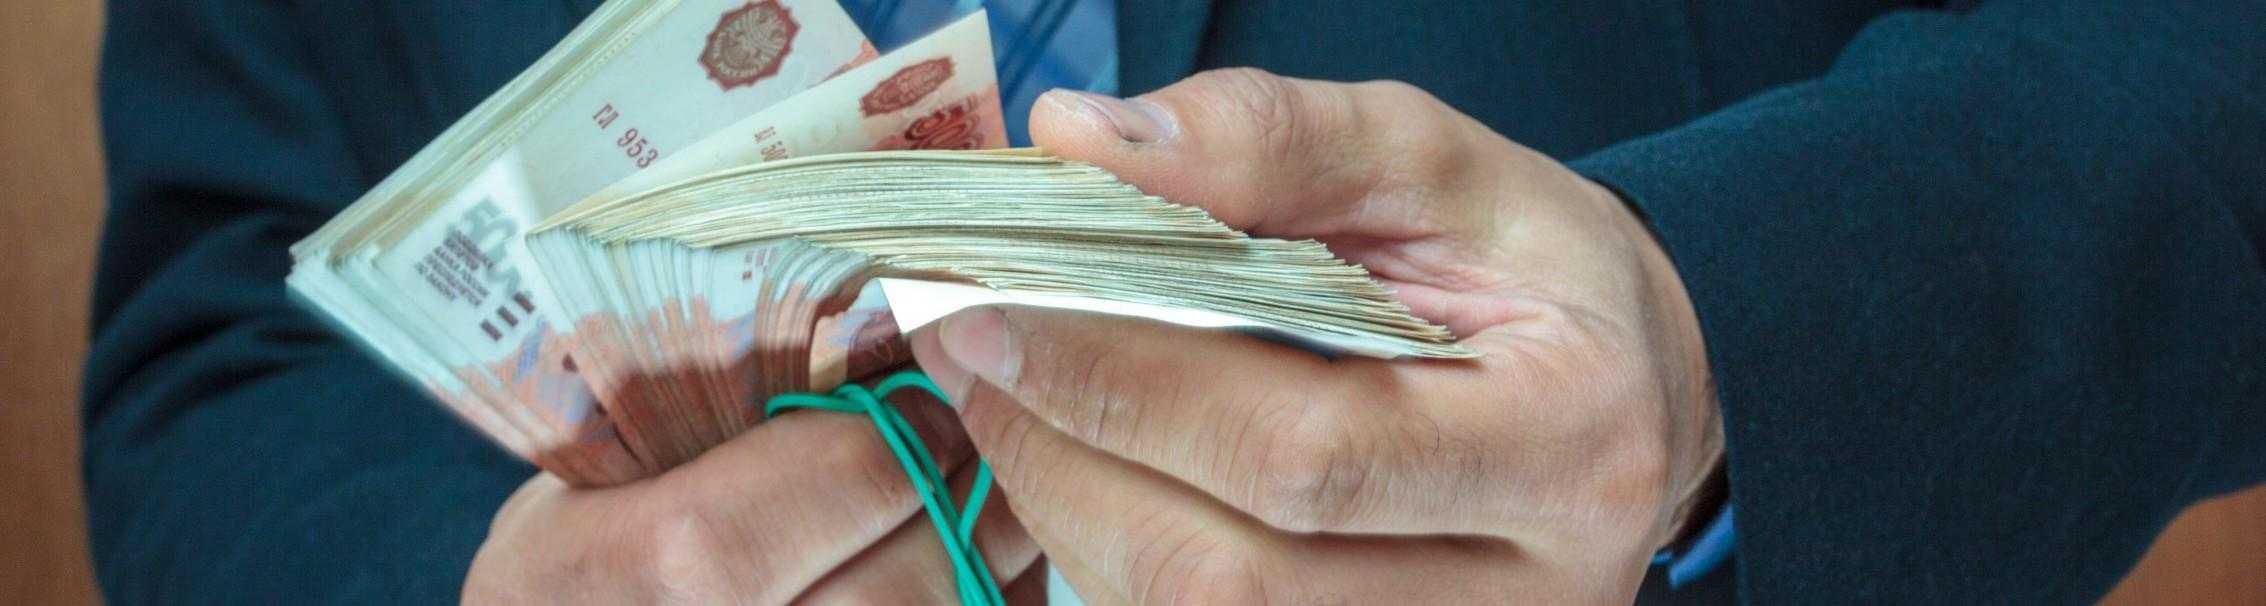 Депутаты предложили убрать обнальные конторы из системы госзакупок